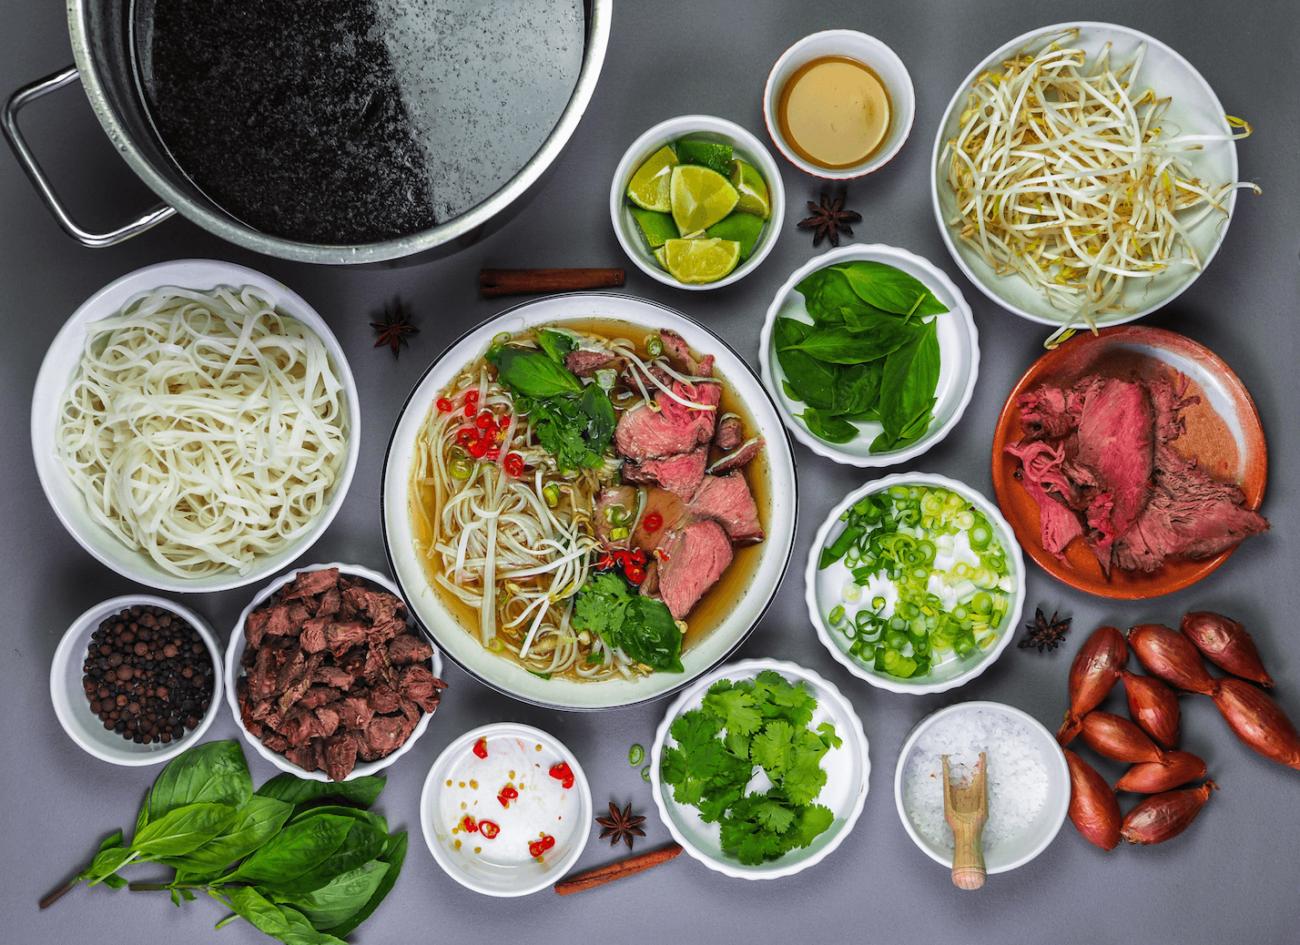 Überblick aller Pho Bo Suppen Zutaten